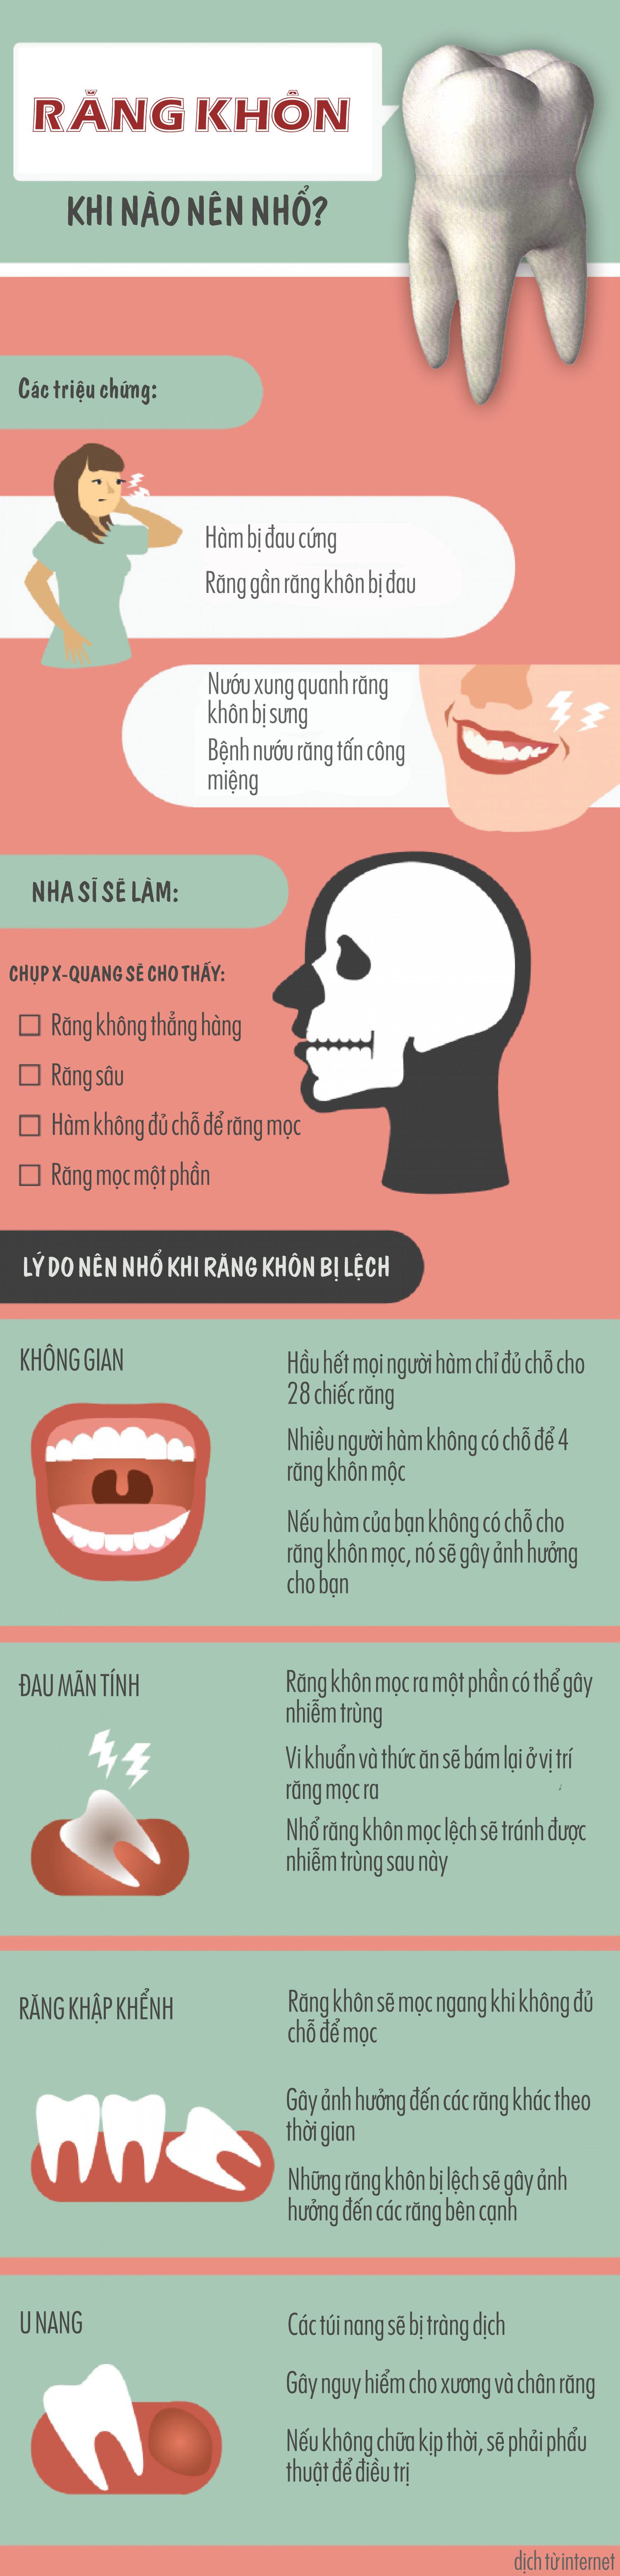 Răng khôn mọc lệch – khi nào nên nhổ